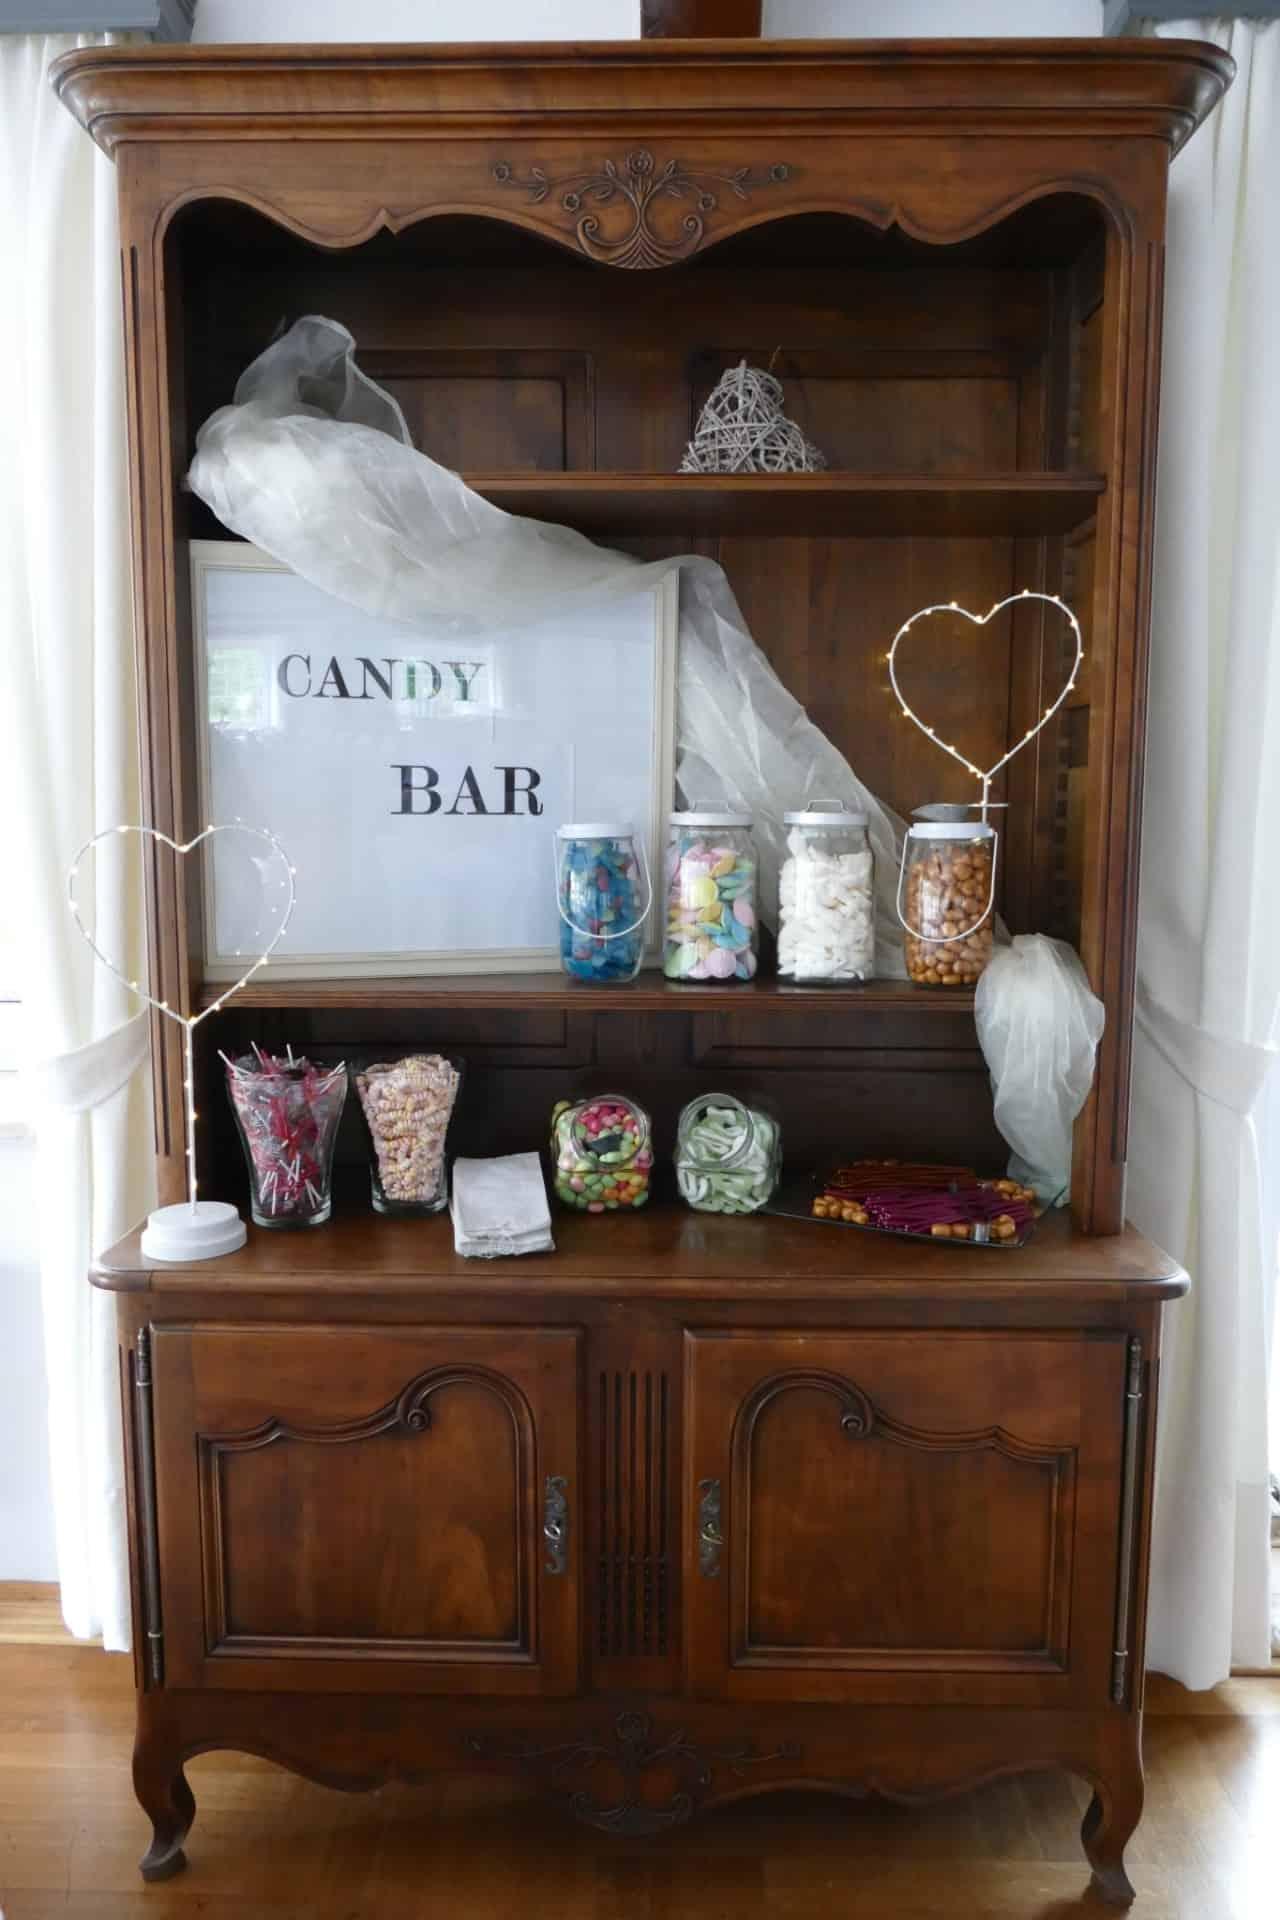 Candy Bar - beliebt bei großen und kleinen Hochzeitsgästen | Hof Barrl Schneverdingen